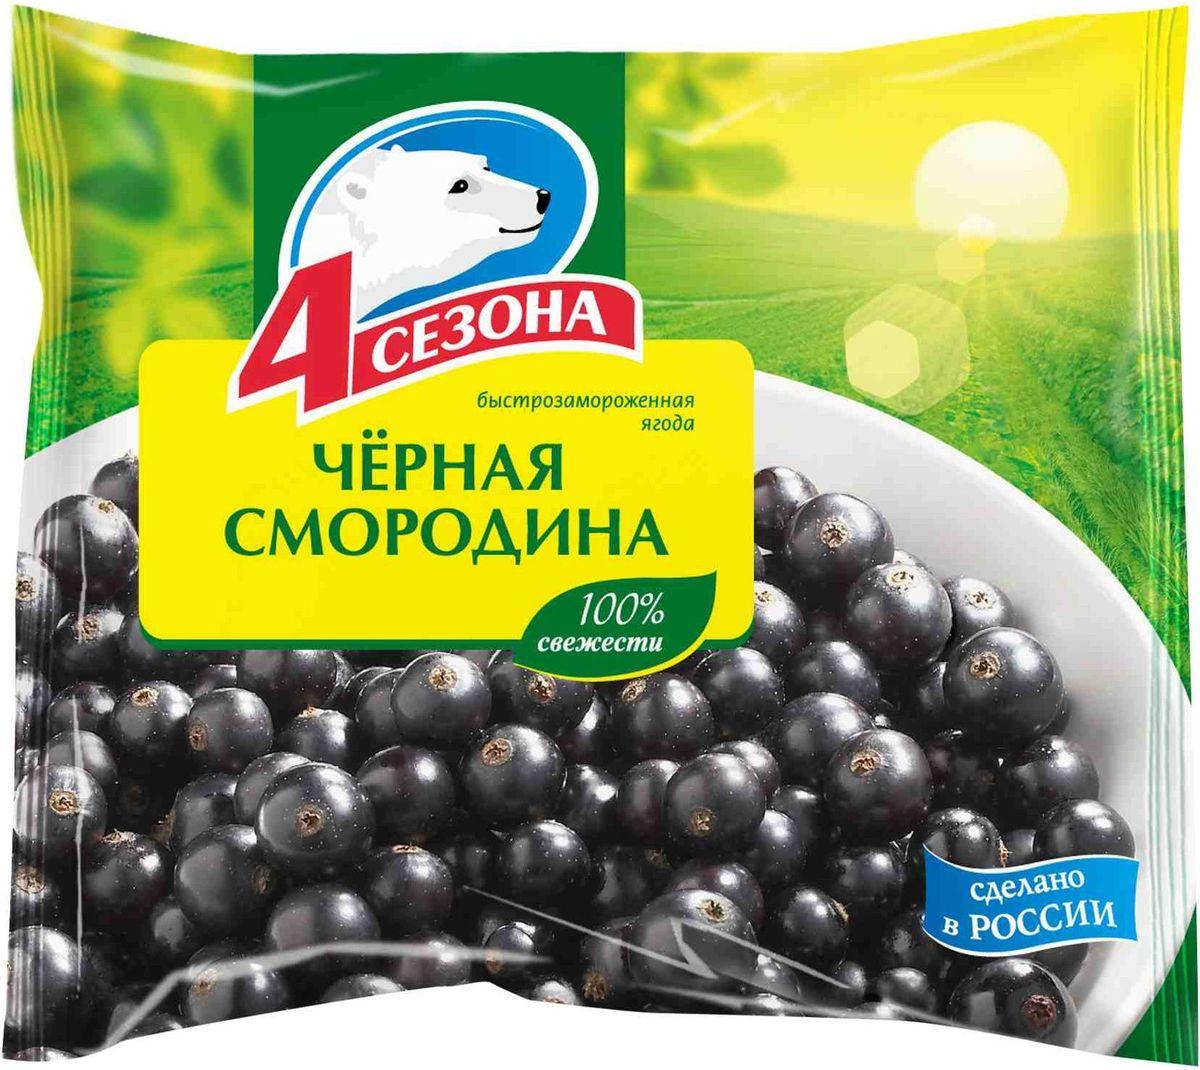 4 Сезона Черная смородина, 300 г арта смородина протертая с сахаром 350 г